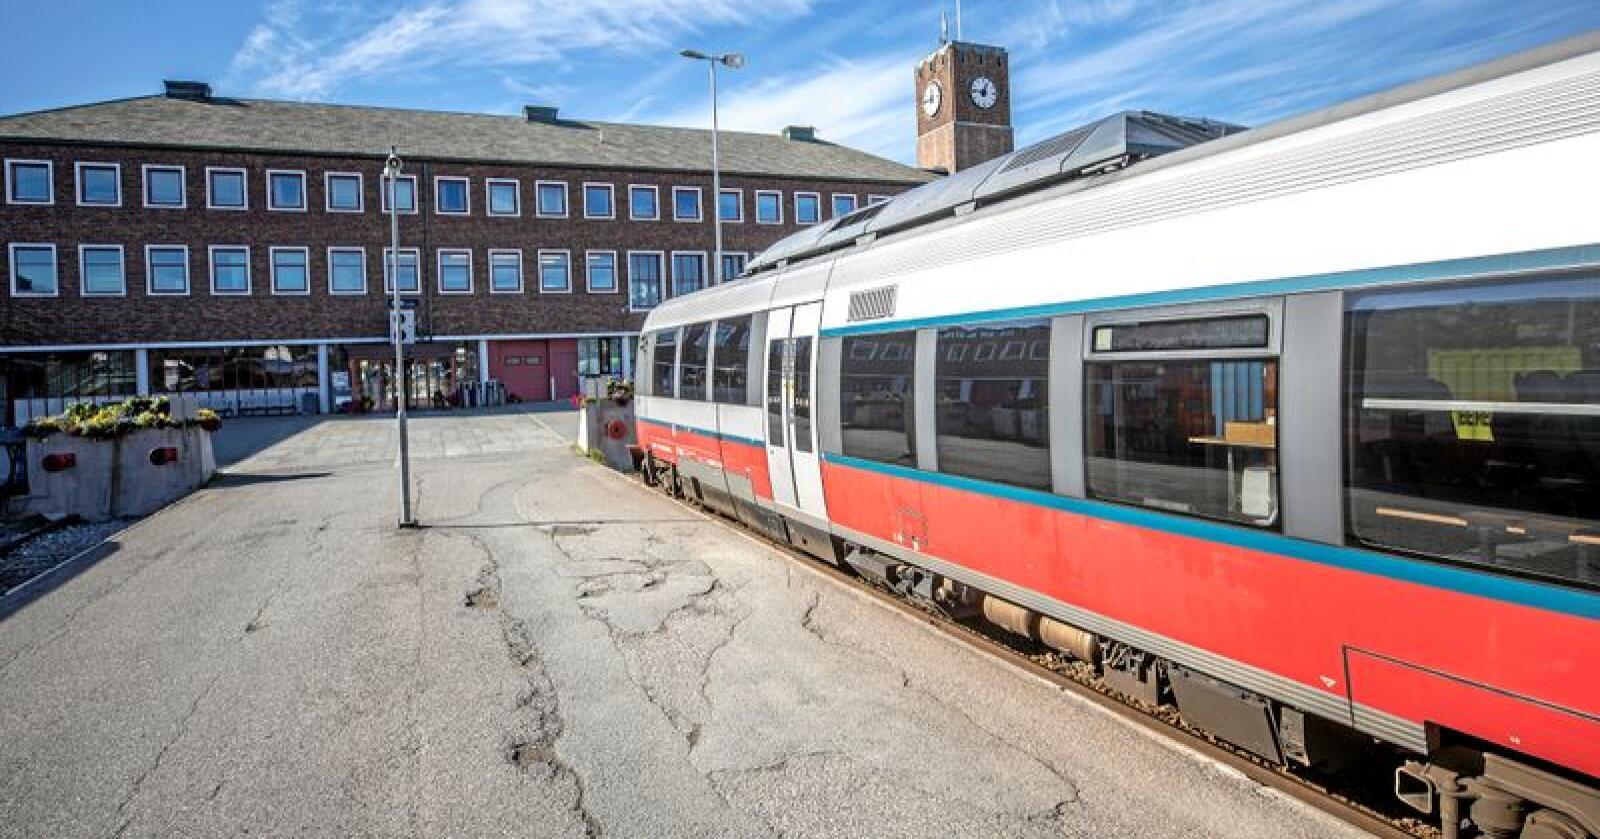 Hit går toget: Nordlandsbanen går til Bodø. Skal vi bygge Nord-Norgebanen? Foto: Per-Inge Johnsen / NTB scanpix